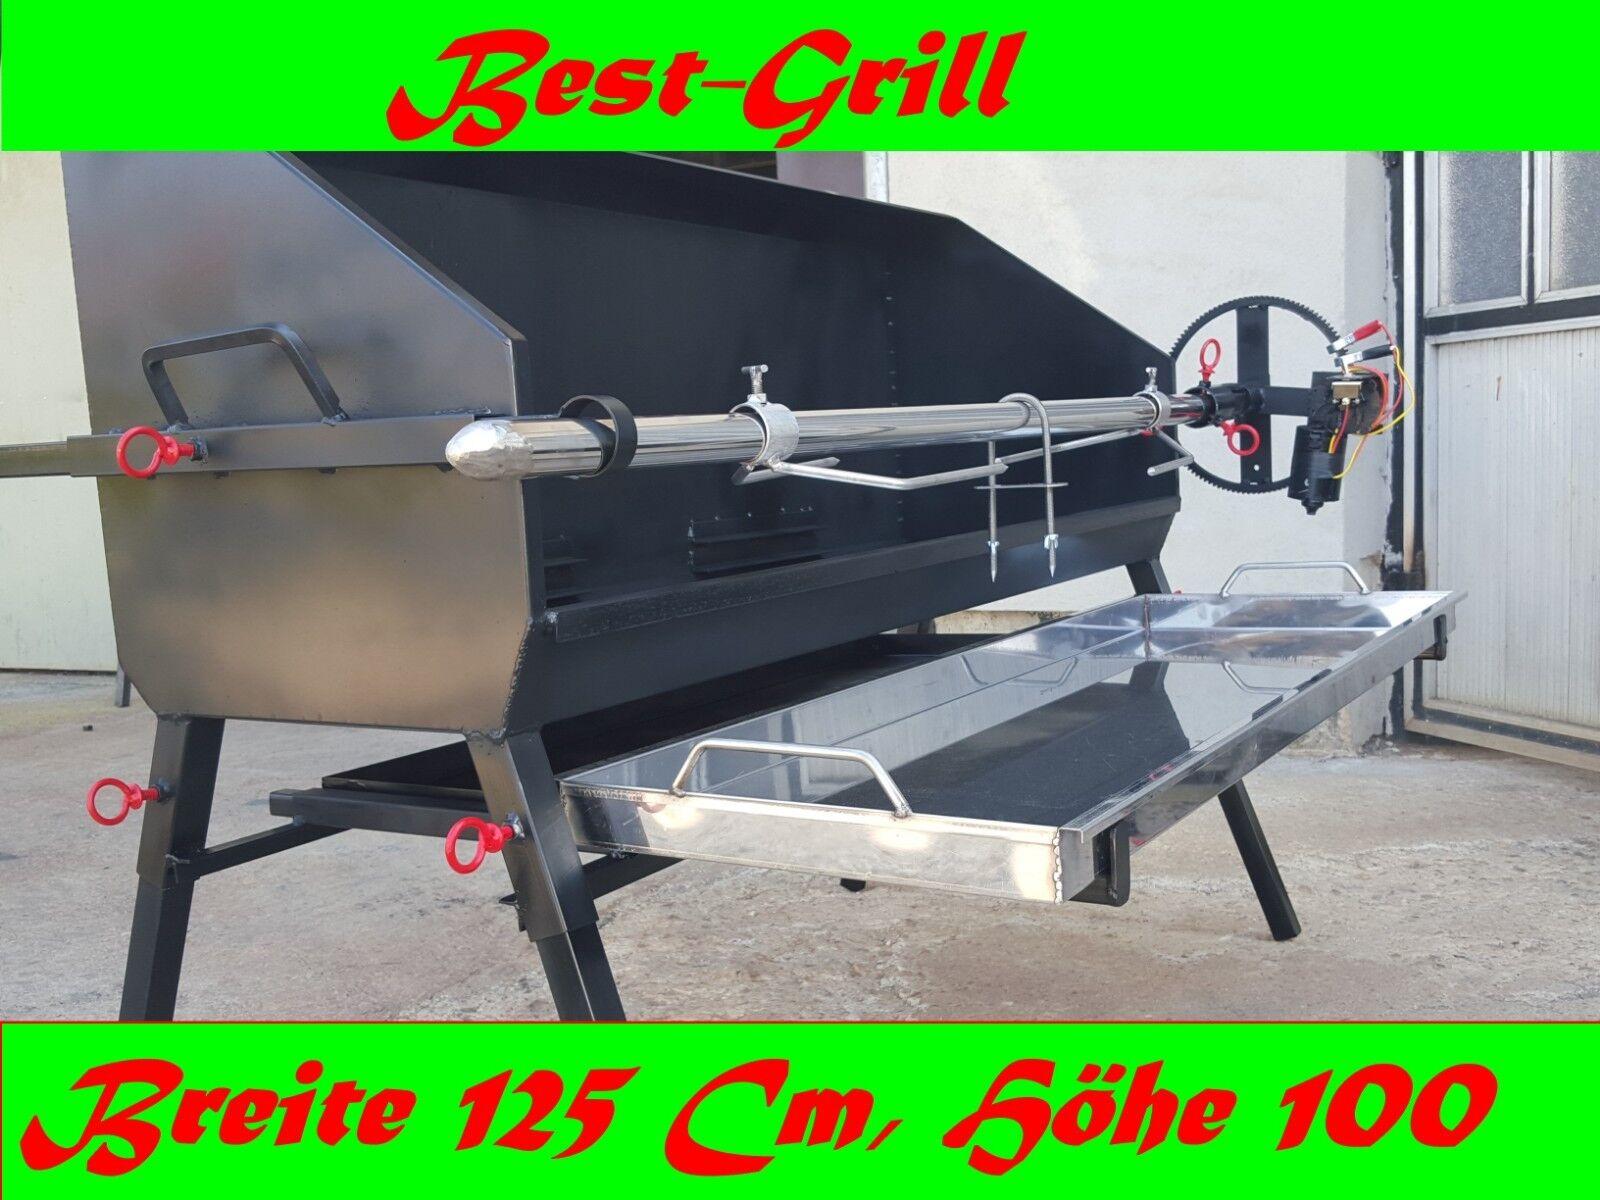 Landmann Holzkohlegrill Xxl 11510 : Grill holzkohle xxl test vergleich grill holzkohle xxl günstig